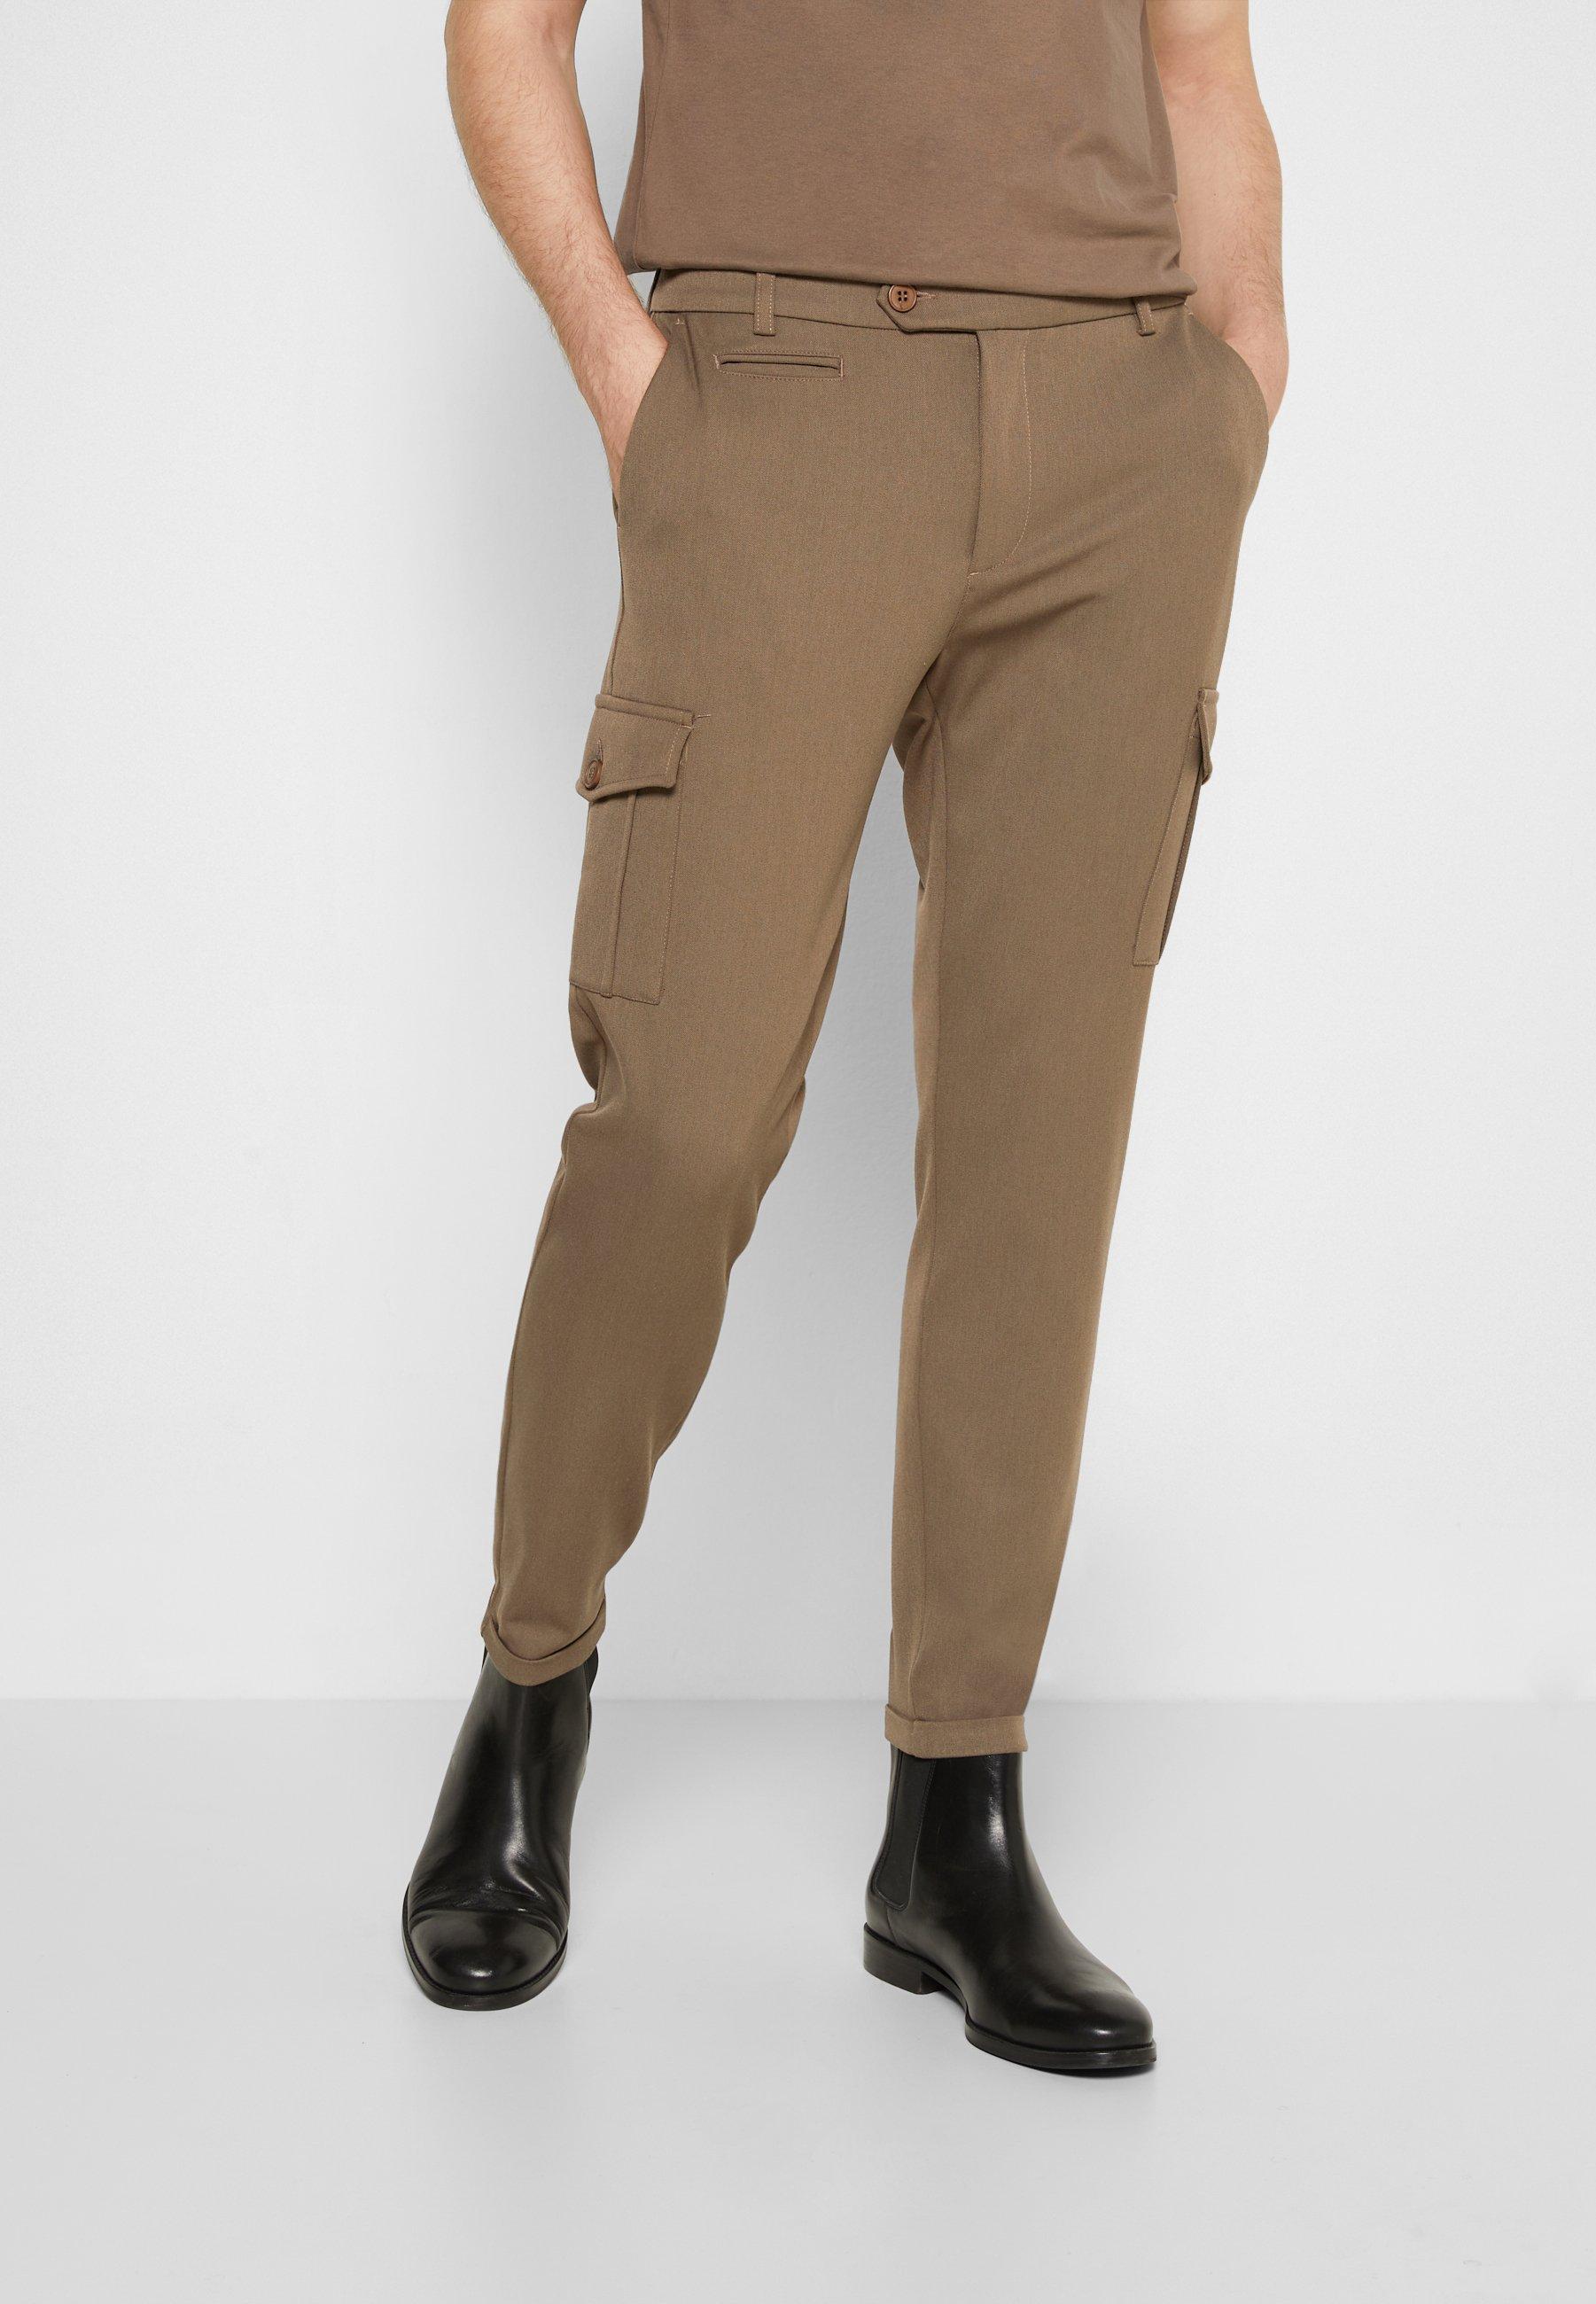 Homme COMO SUIT PANTS - Pantalon cargo